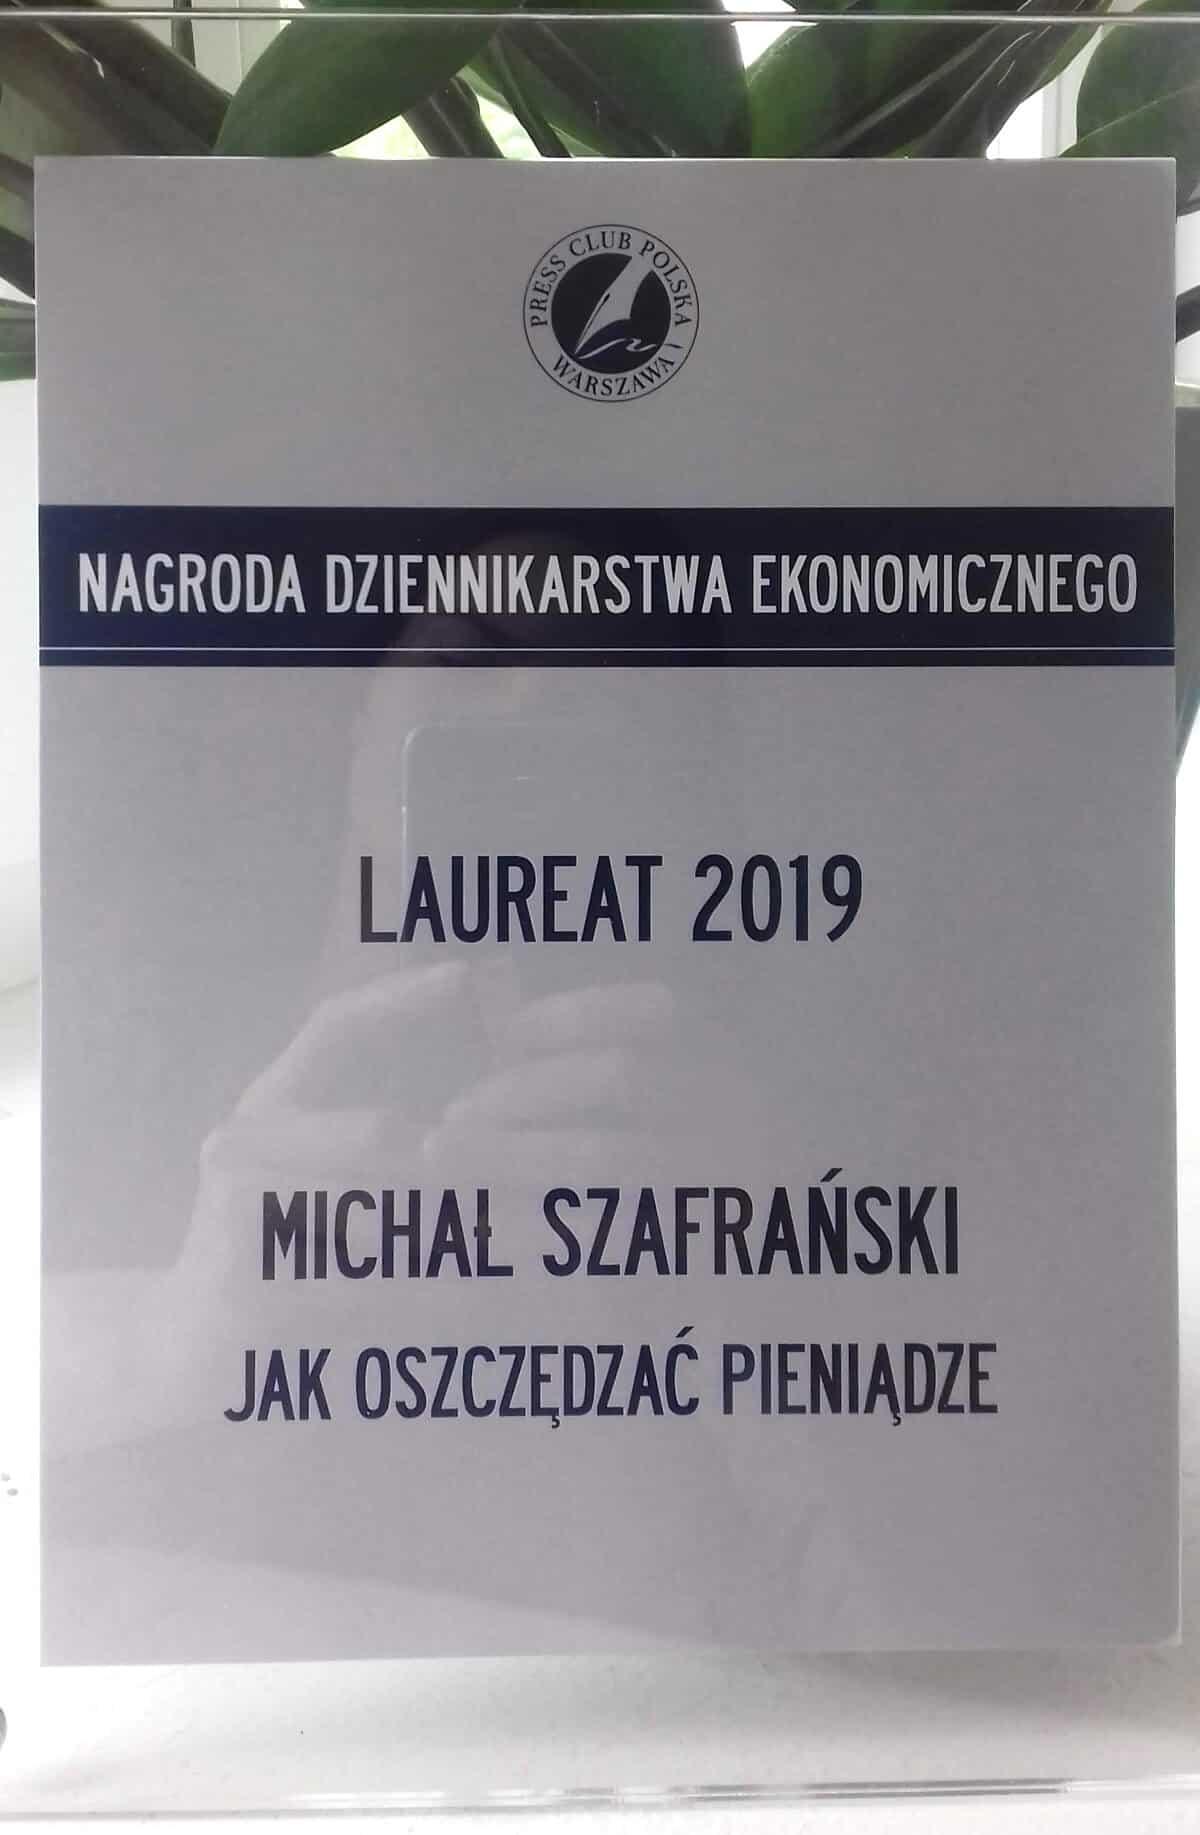 Nagroda dziennikarstwa ekonomicznego 2019